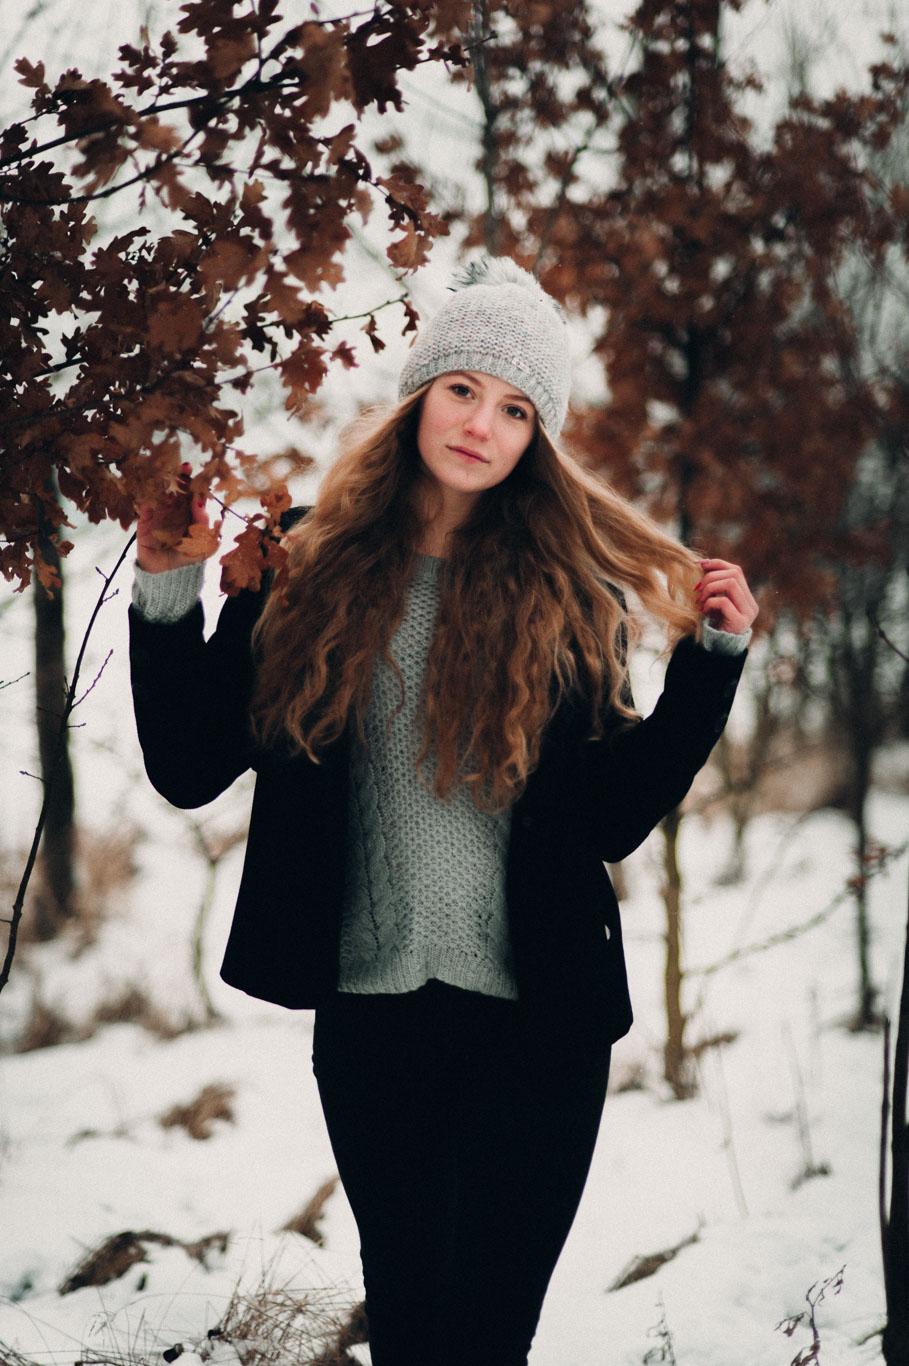 Portrétní fotografie v zimě